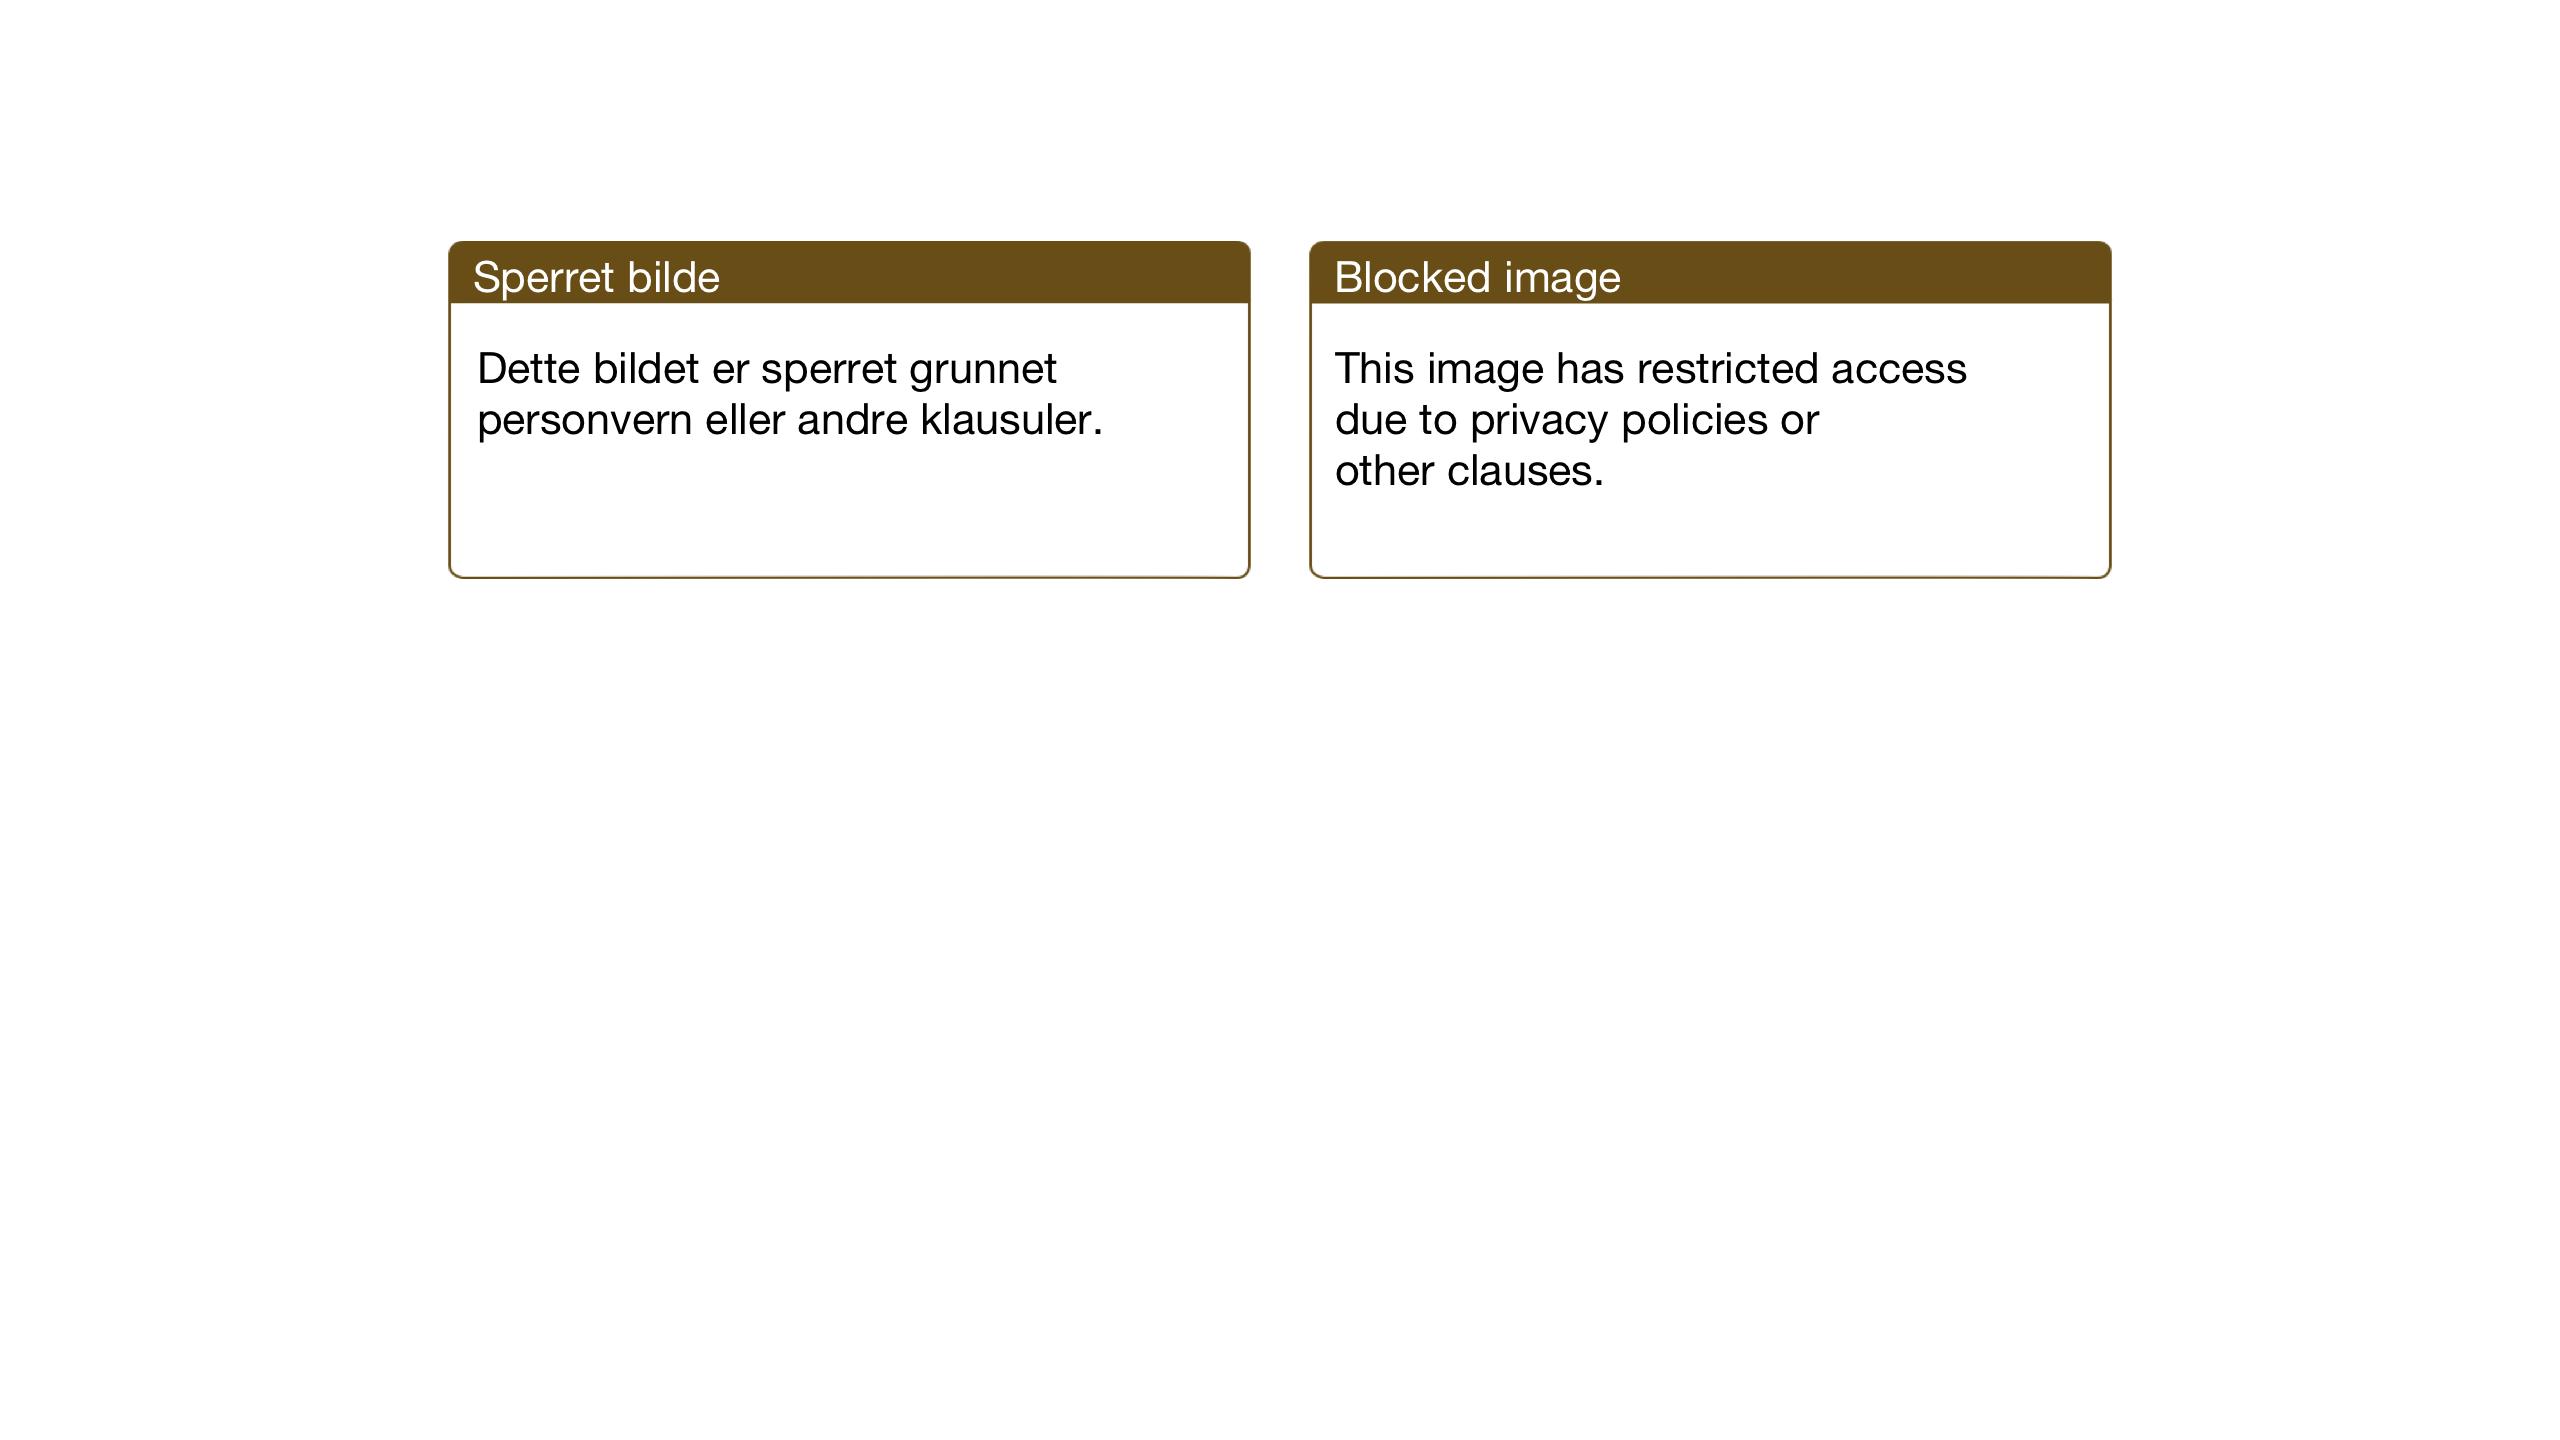 SAT, Ministerialprotokoller, klokkerbøker og fødselsregistre - Sør-Trøndelag, 638/L0569: Klokkerbok nr. 638C01, 1923-1961, s. 222